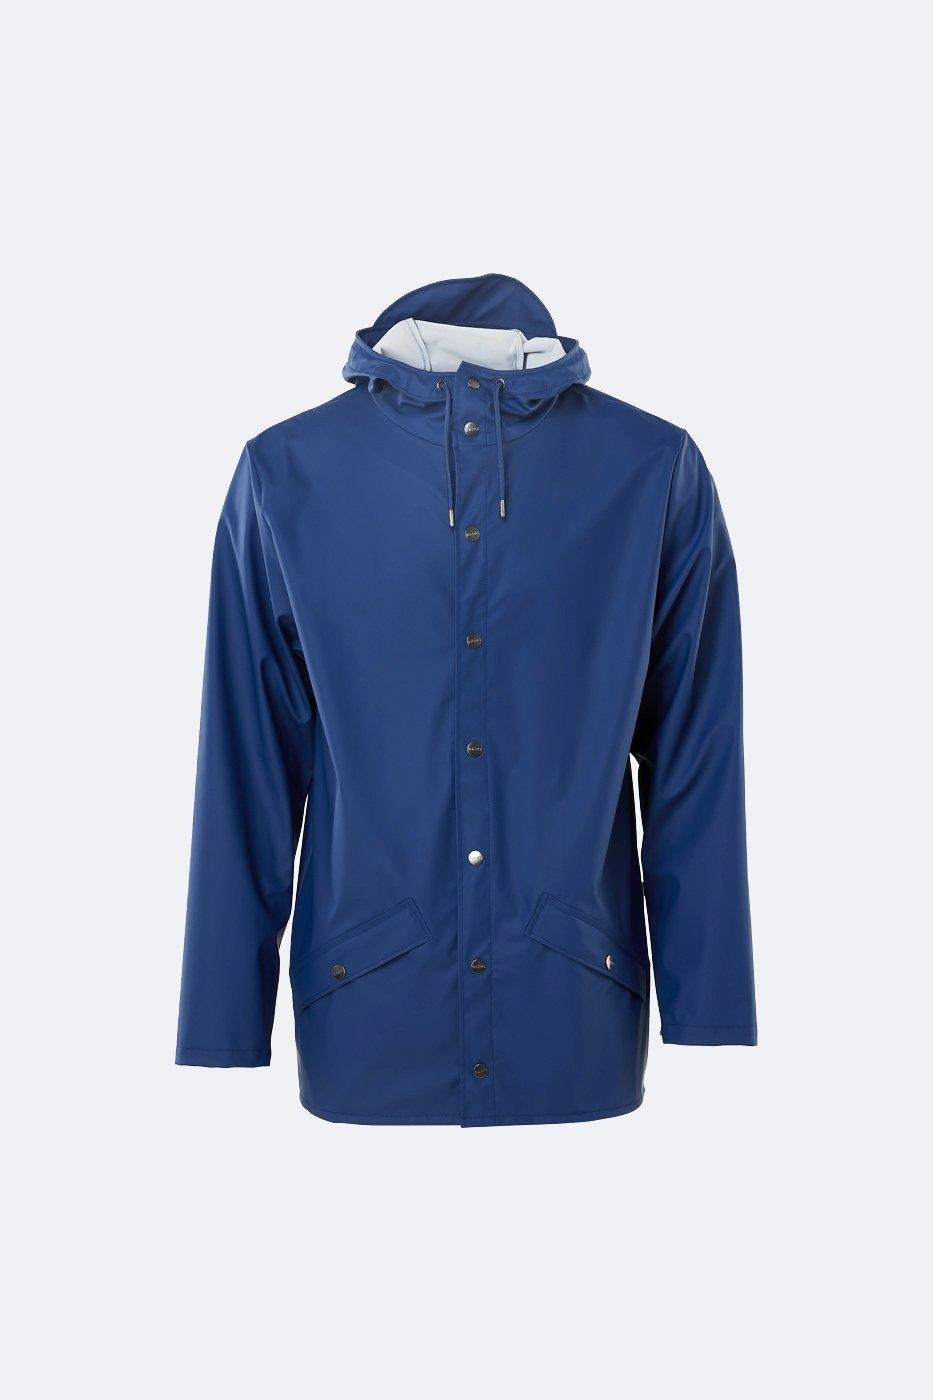 Rains Jacket true blue unisex M/L